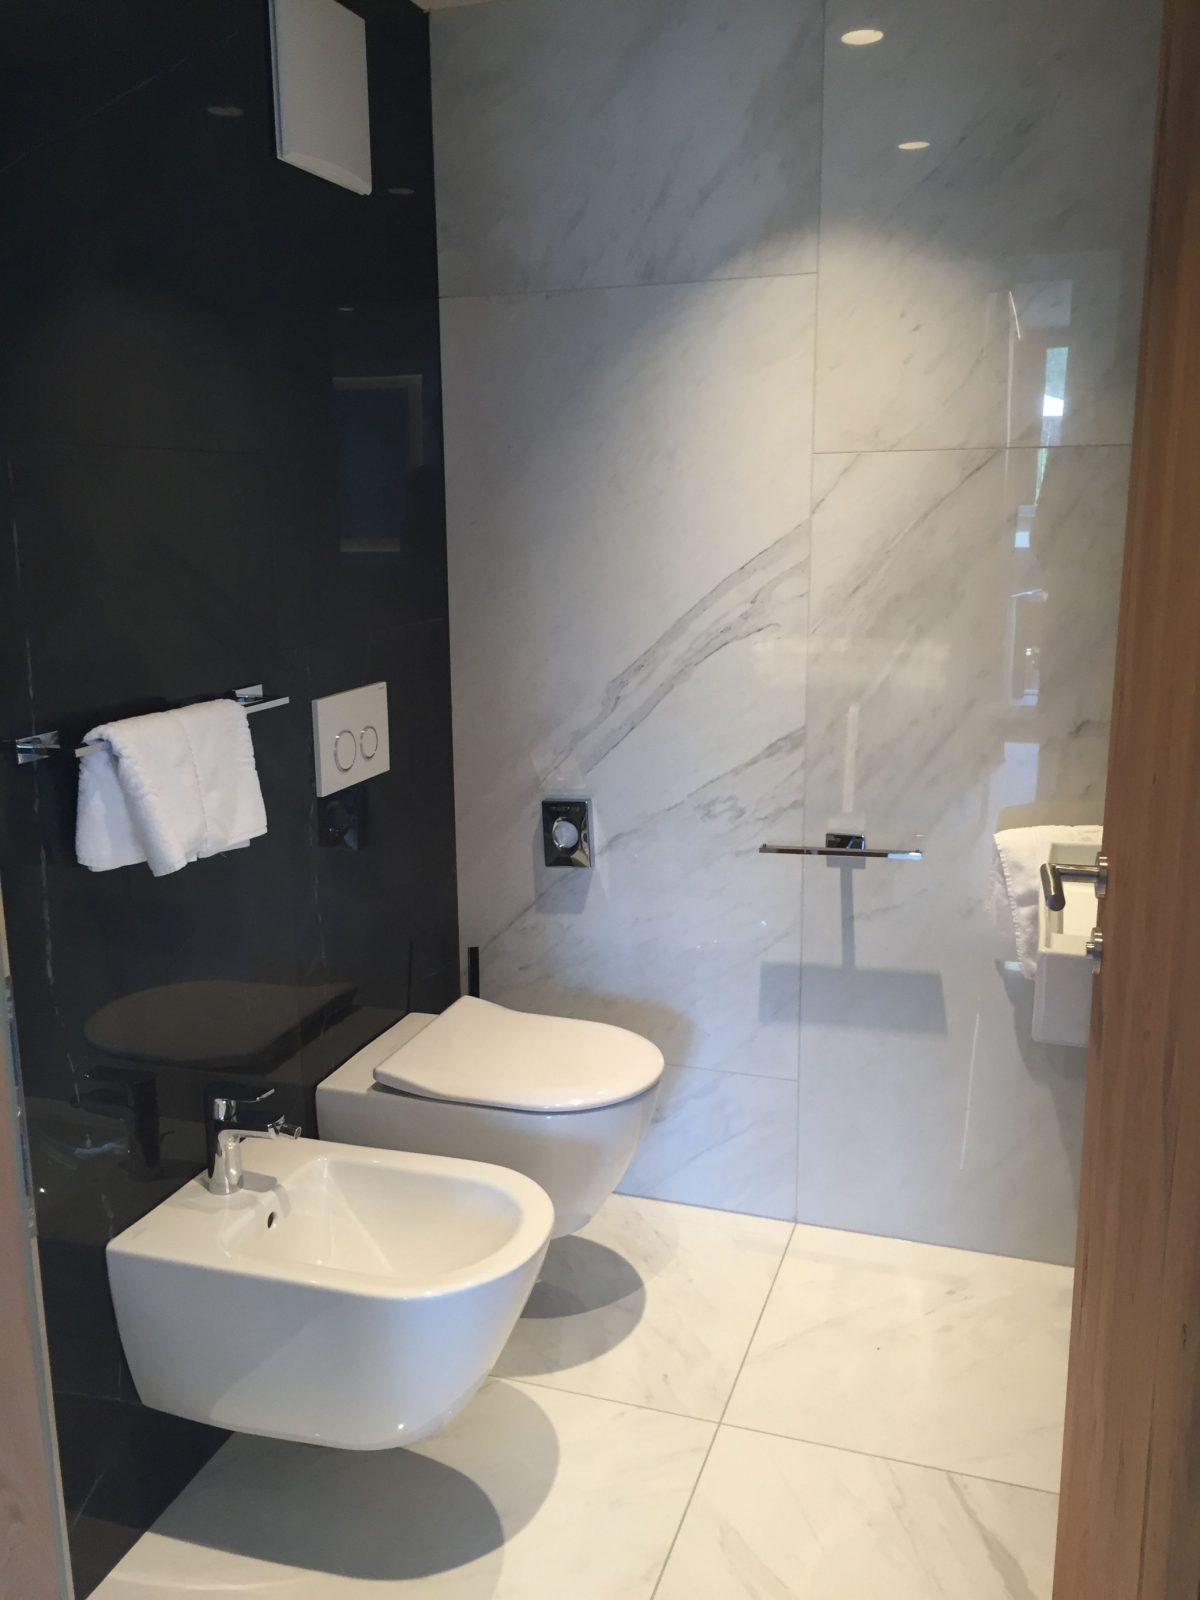 Kleines Badezimmer Mit Xxl Fliesen In Marmoroptik von Kleines Badezimmer Fliesen Ideen Bild